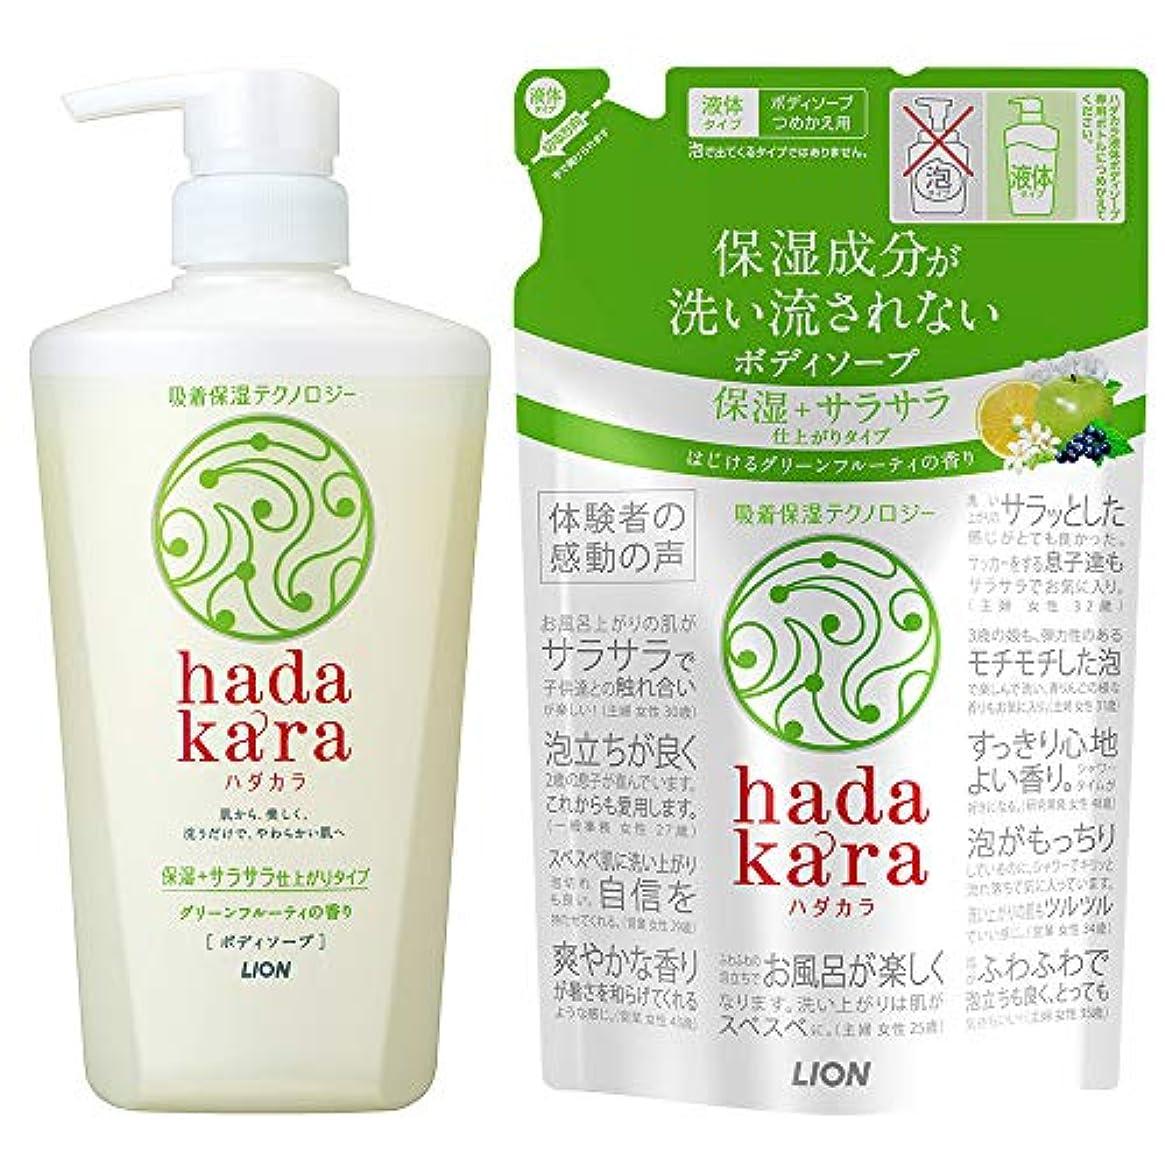 シリアル構成する詳細にhadakara(ハダカラ) ボディソープ 保湿+サラサラ仕上がりタイプ グリーンフルーティの香り (本体480ml+つめかえ340ml) グリーンフルーティ(保湿+サラサラ仕上がり) +